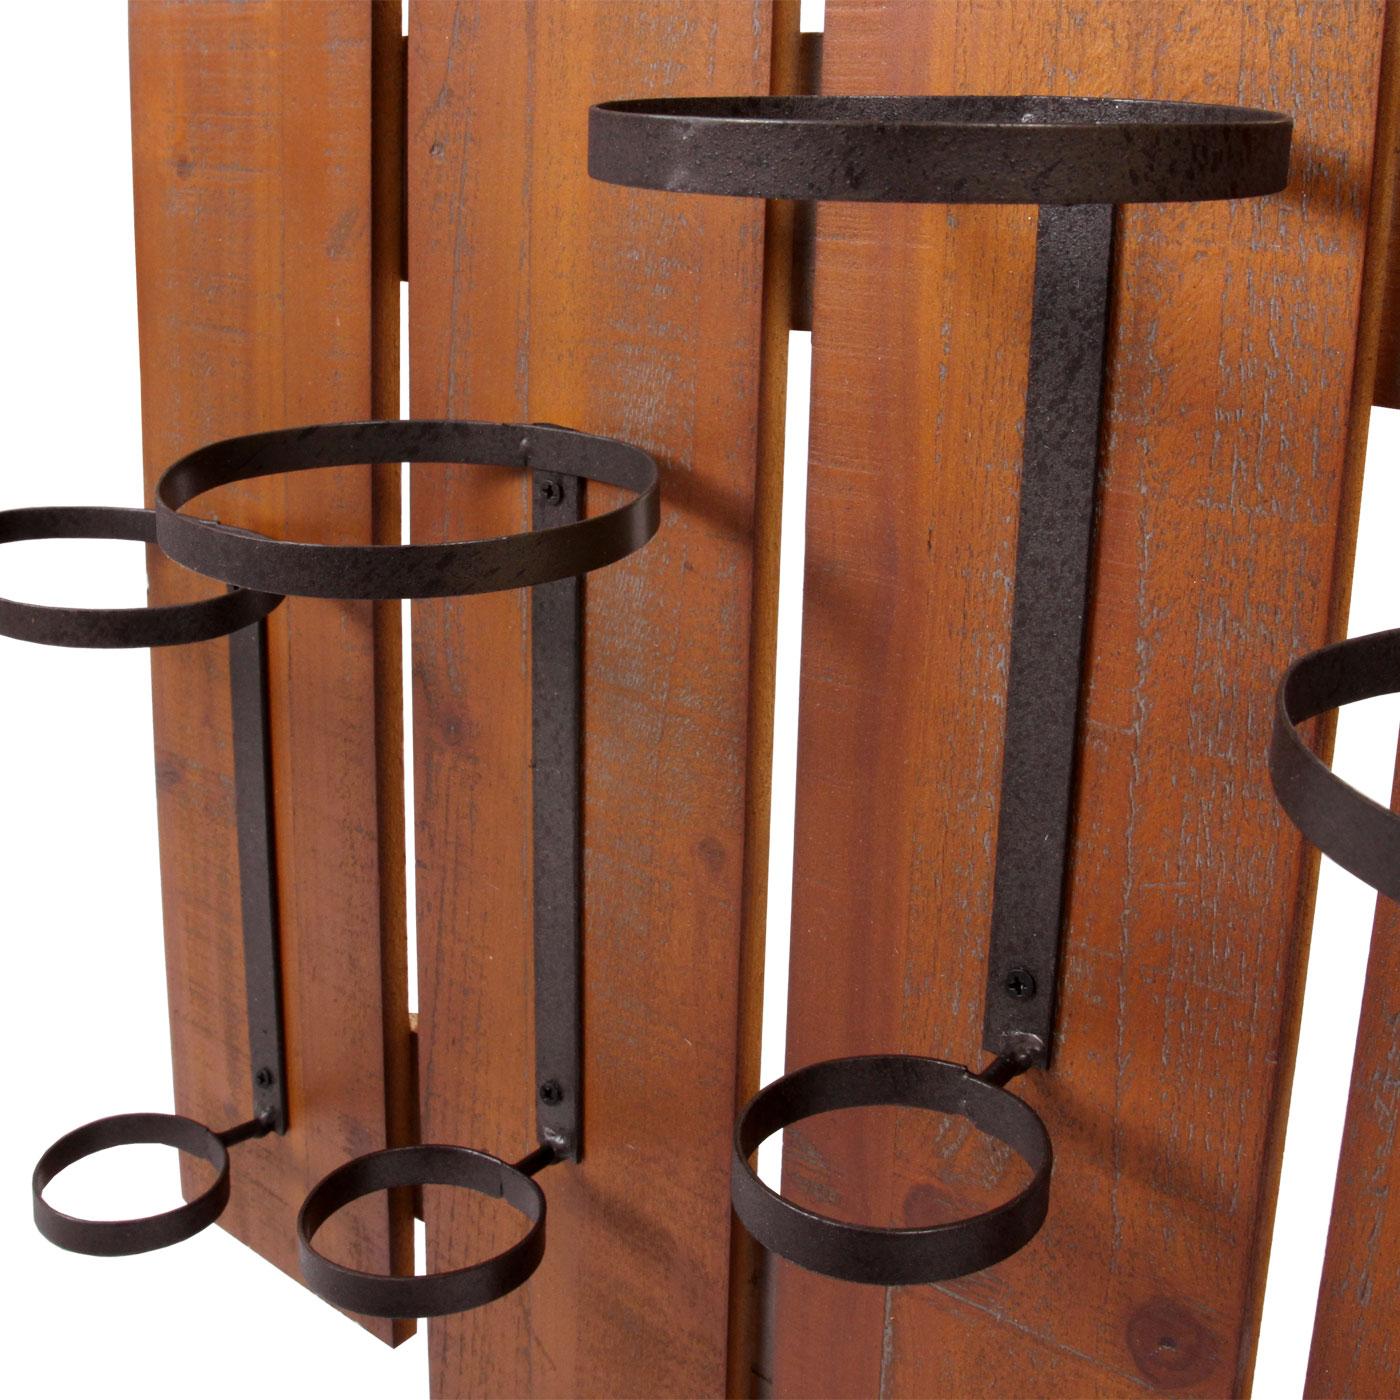 weinregal hwc b99 wandregal flaschenhalter holz metall f r 5 flaschen 60x60x12cm kaufen bei. Black Bedroom Furniture Sets. Home Design Ideas